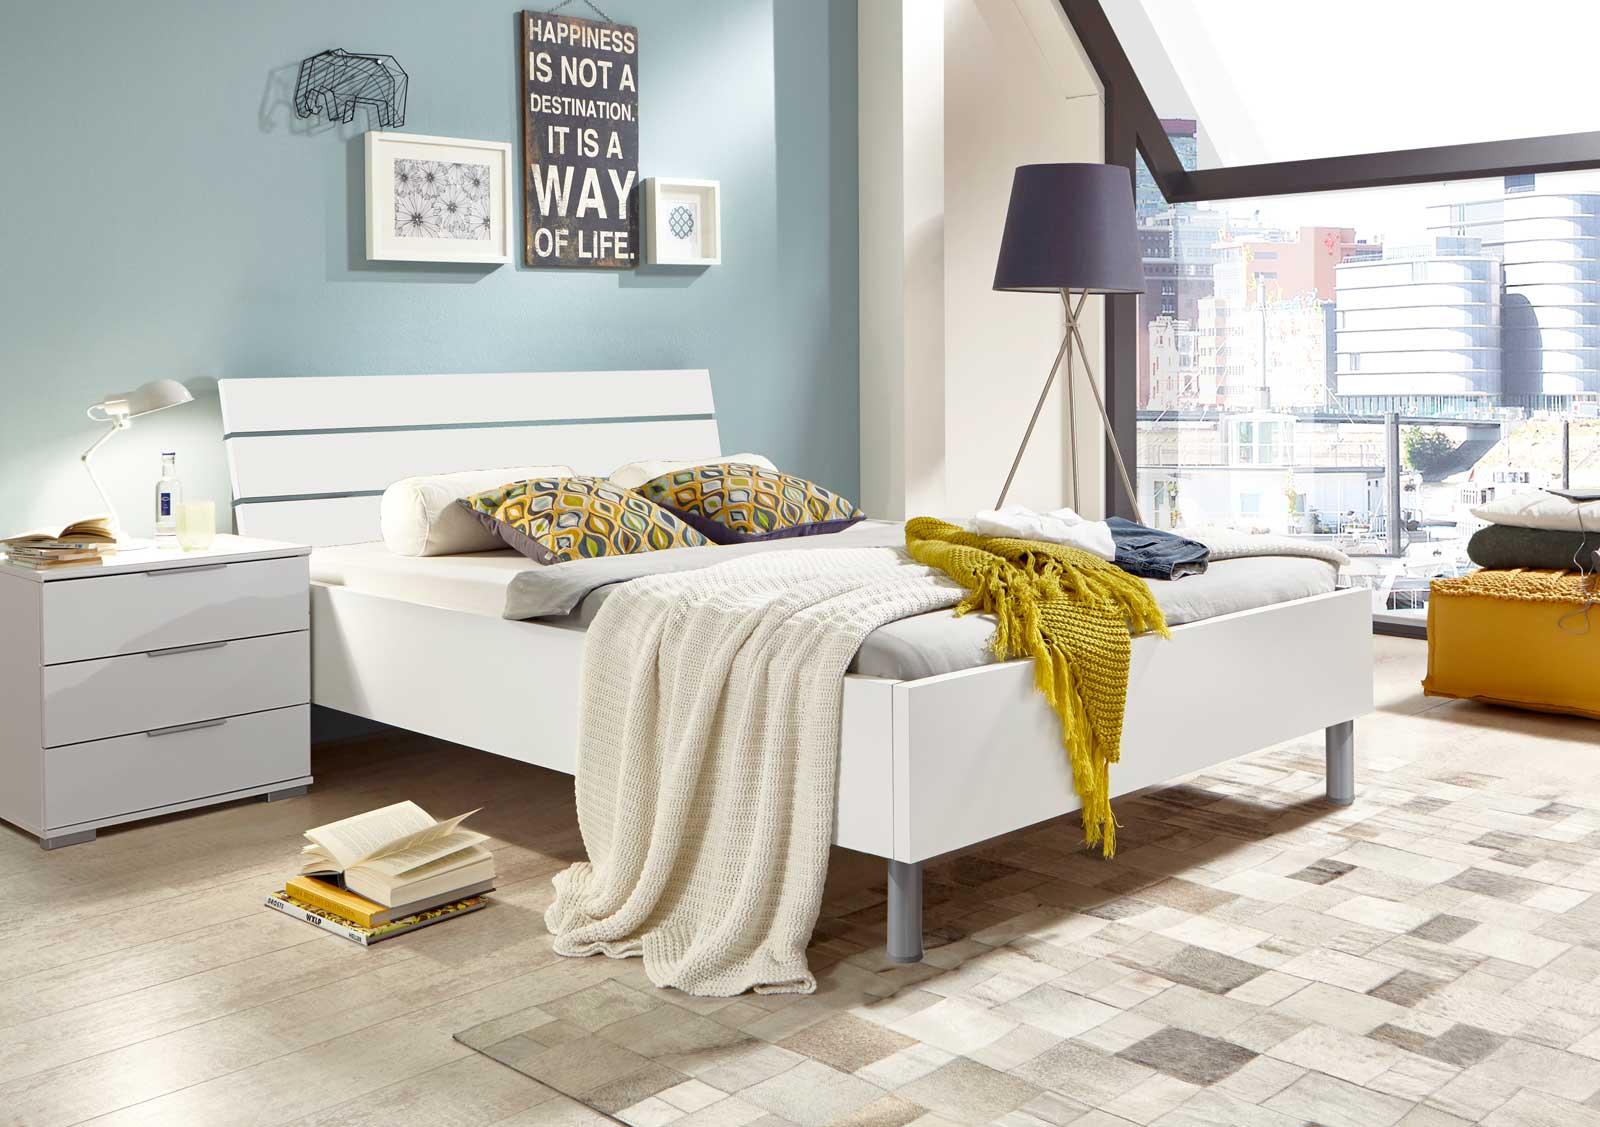 Lifestyle4Living Bett in weiß, Liegefläche 140 x 200 cm, Maße: B/H/T ca. 149/88/210 cm